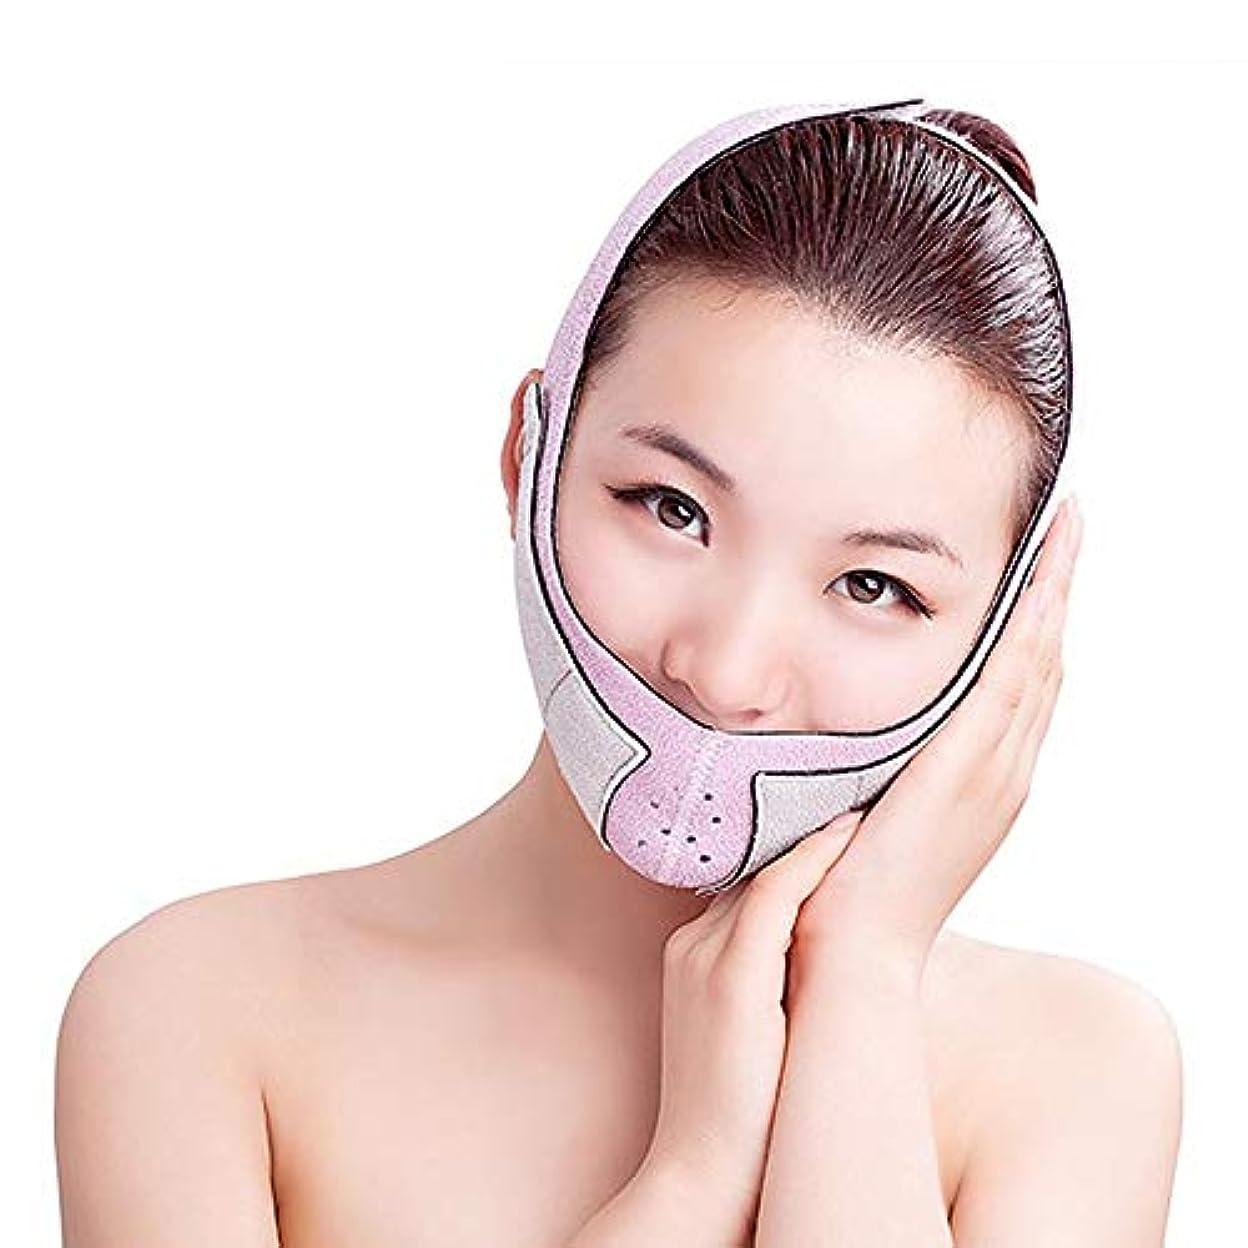 脅威ヘクタール盲目フェイスリフトベルト 薄い顔のベルト - 薄い顔のベルト通気性の補正3D薄い顔のV顔のベルトの包帯薄い顔のアーティファクト (色 : B)